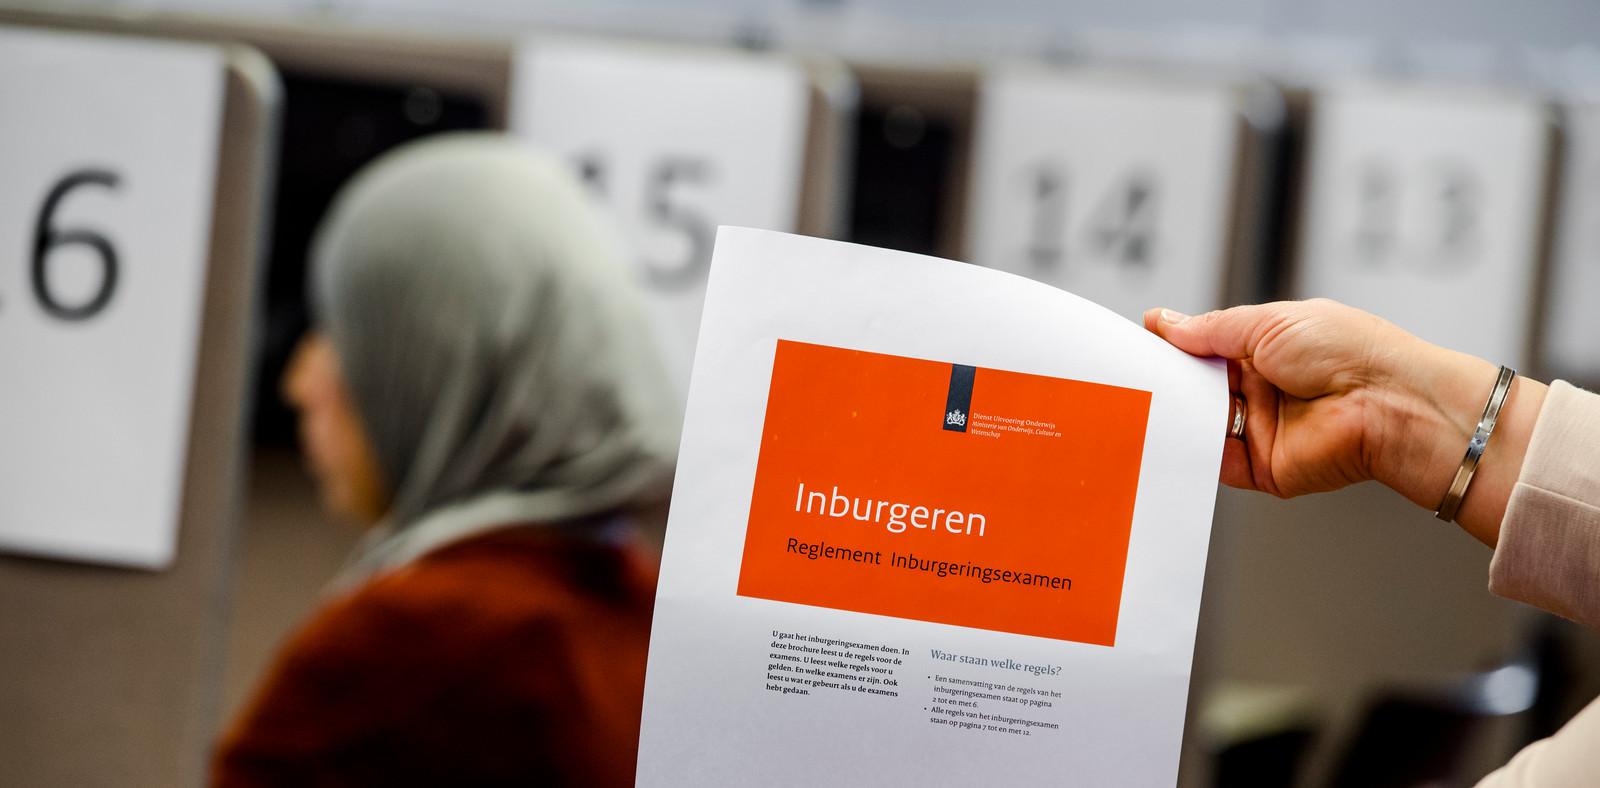 Inburgeren is altijd een proces van de lange adem, aldus VluchtelingenWerk Nederland.